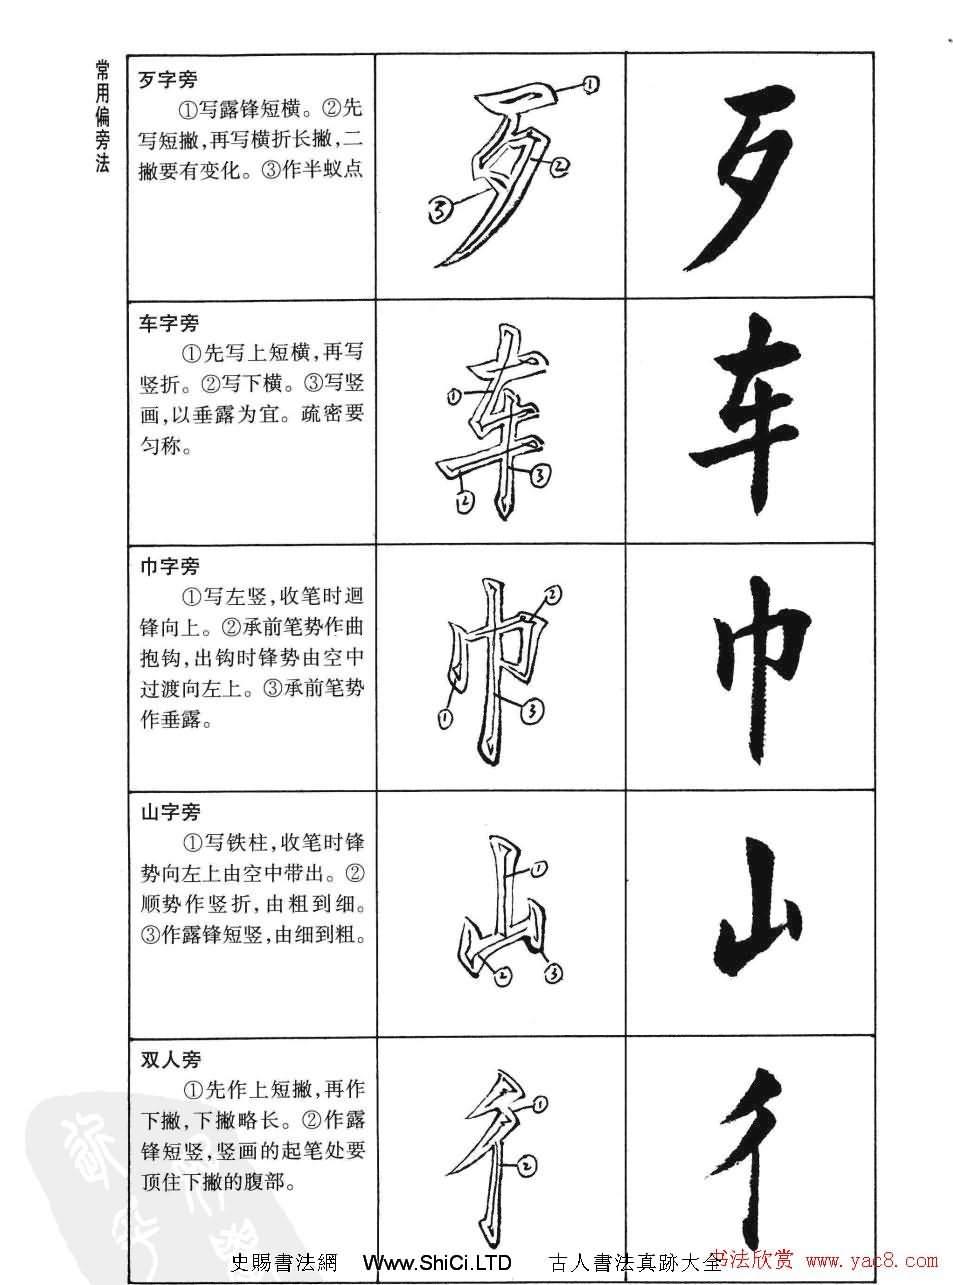 劉小晴書法字帖欣賞《簡體楷書書寫秘訣》